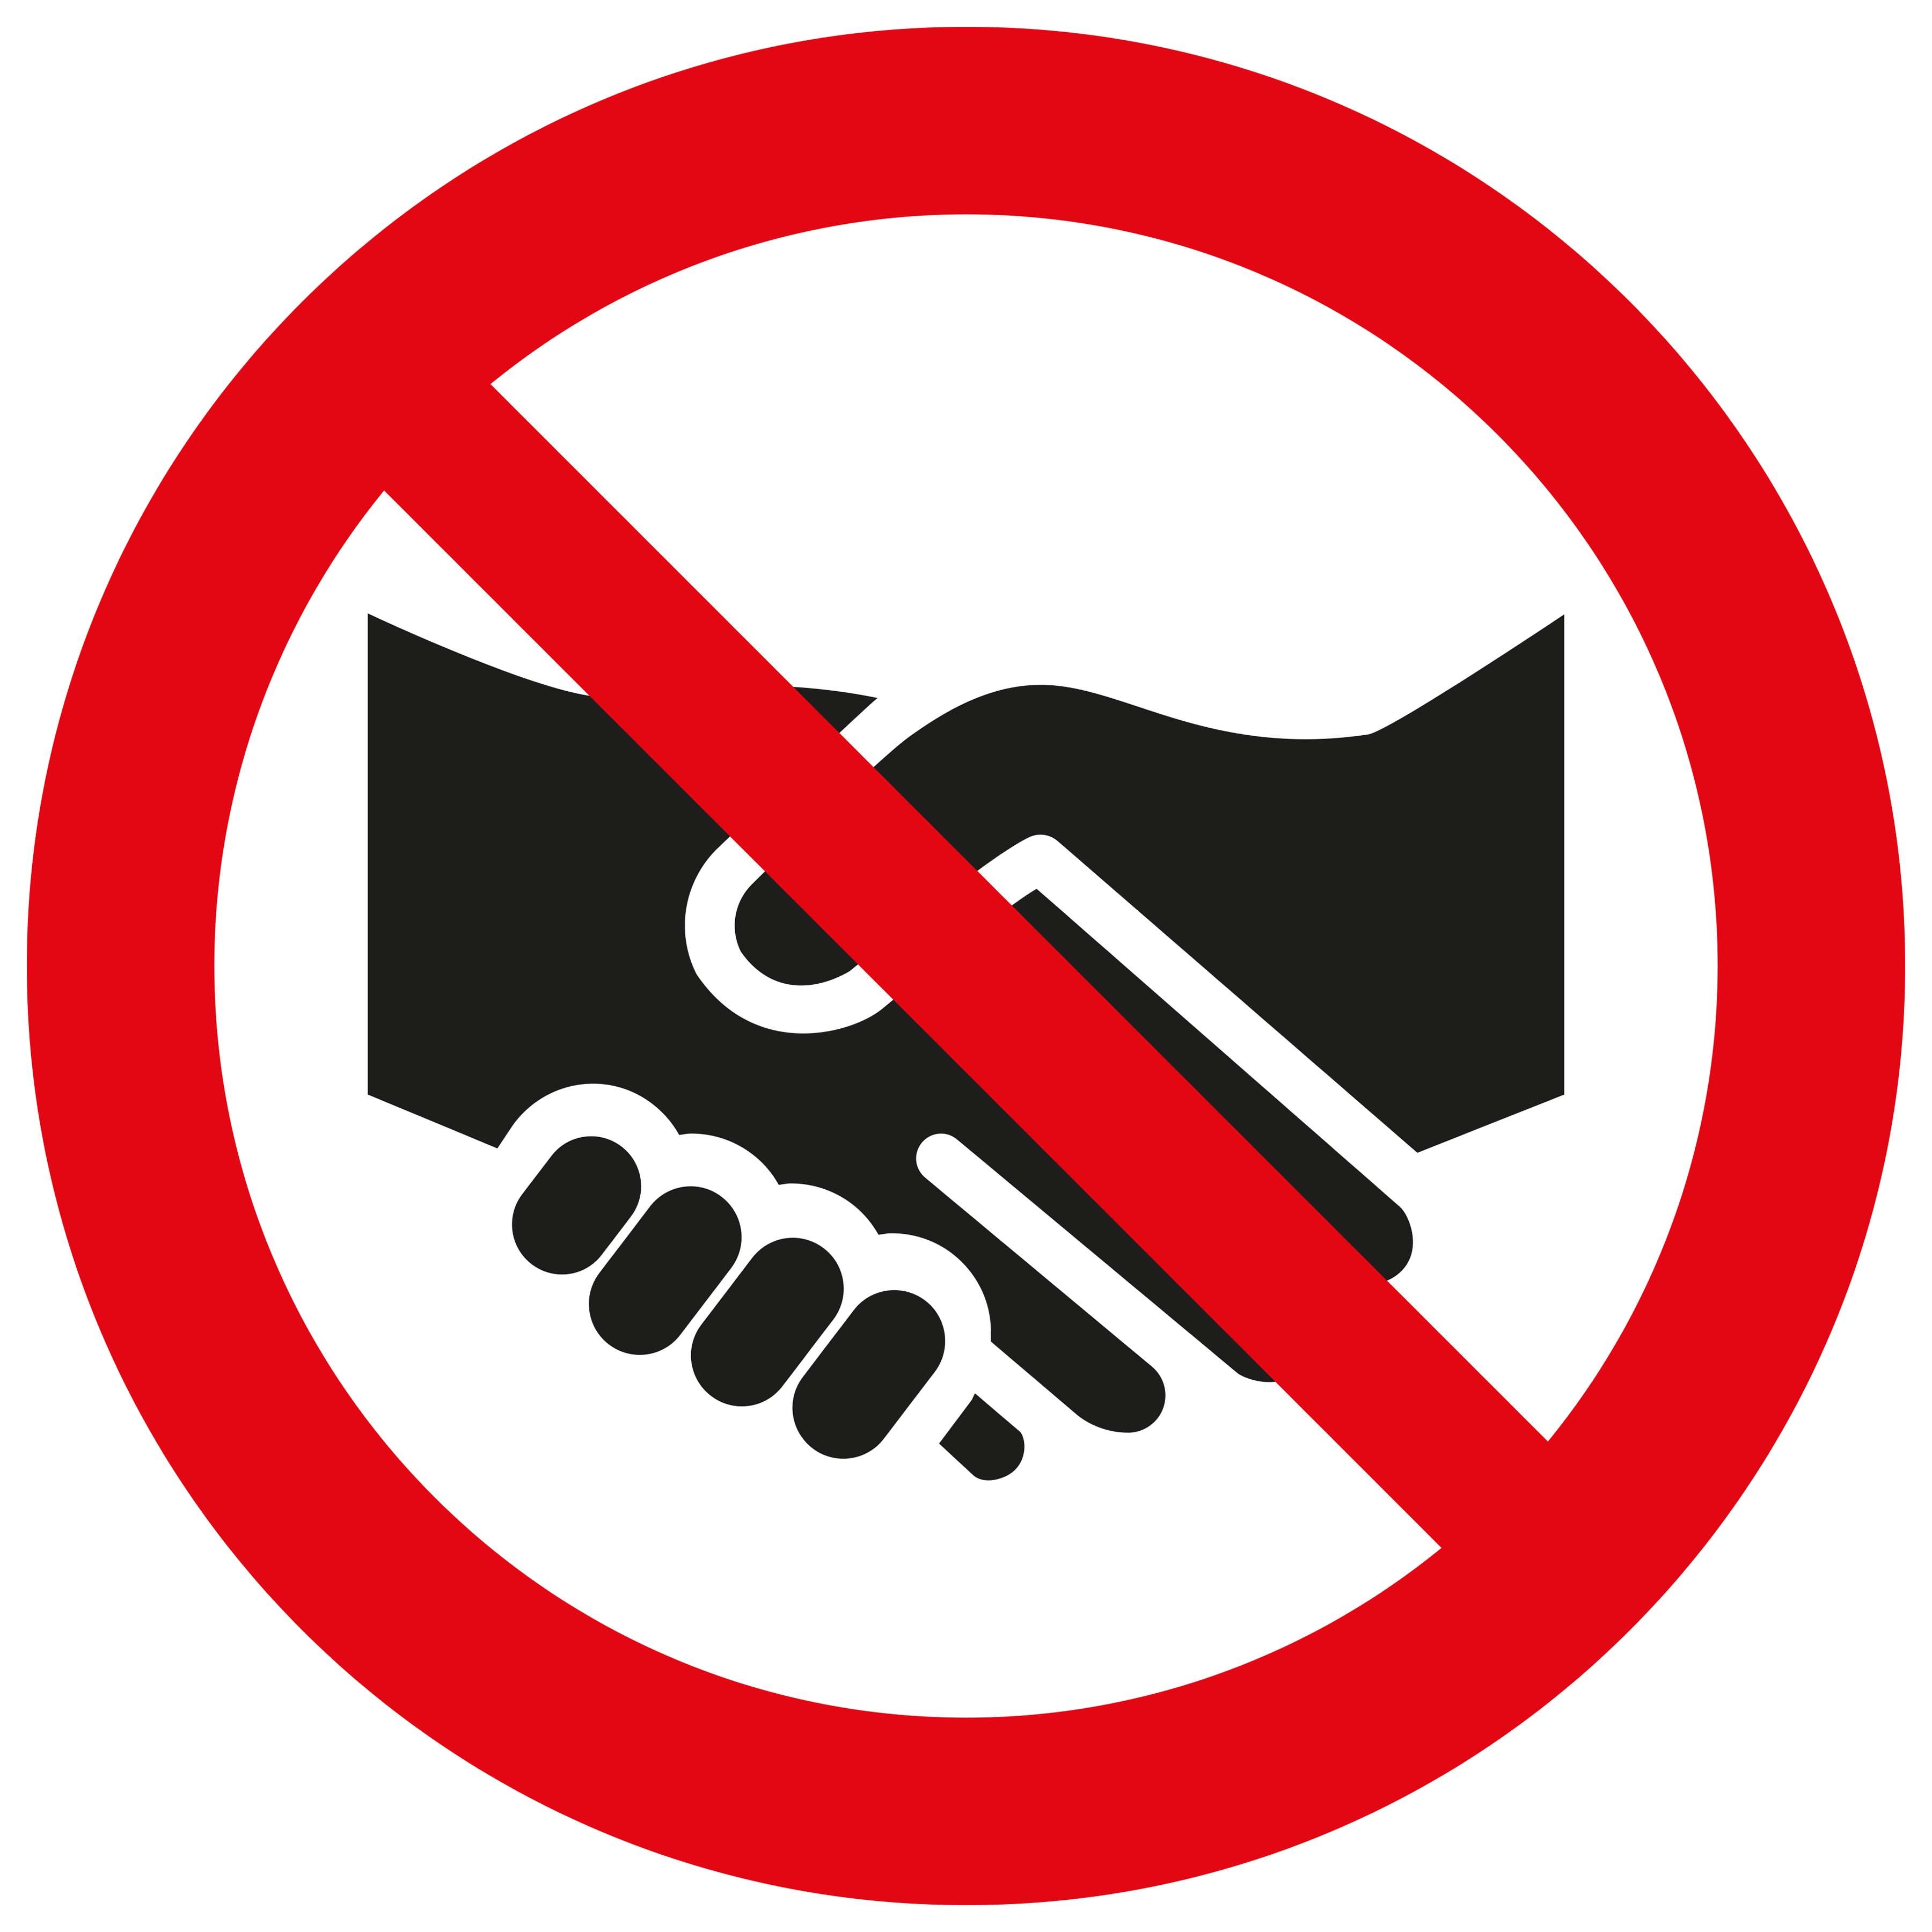 Bord Wij geven u geen hand - We do not shake hands with you - Nous ne te serrons pas la main - Wir geben Ihnen nicht die Hand - RIVM COVID19 COVID-19 corona virus